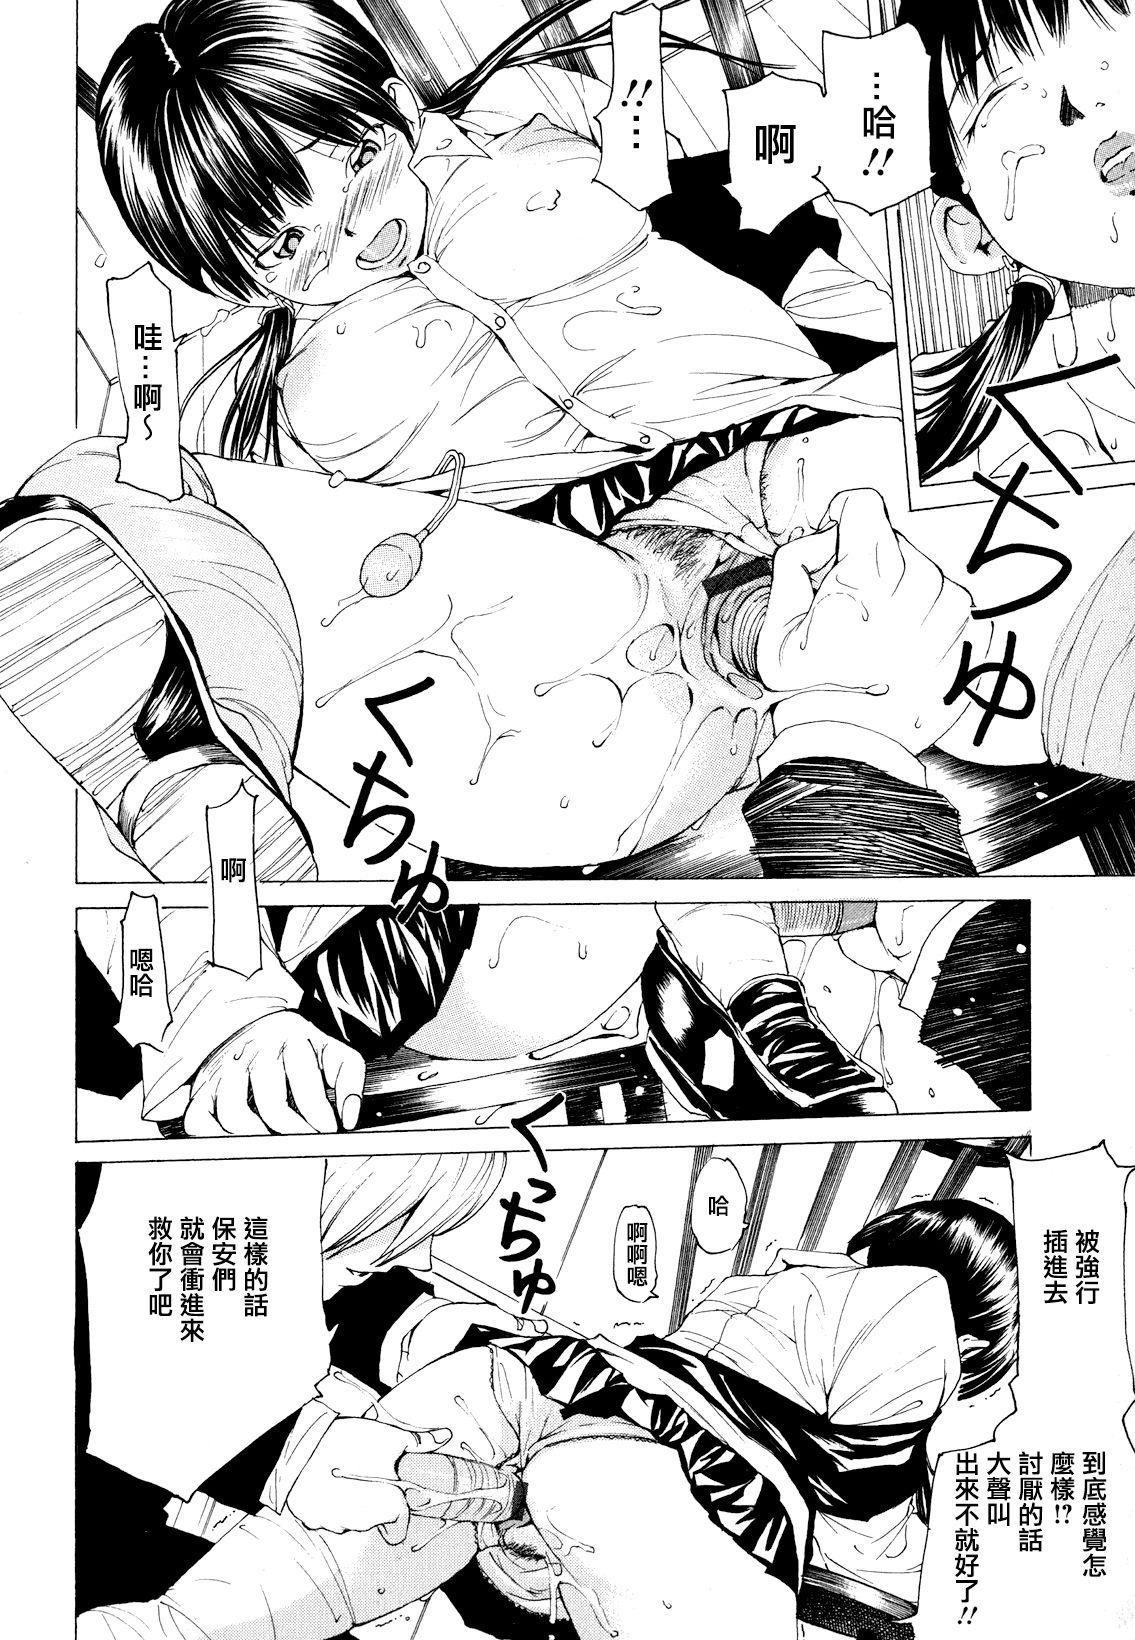 [Nohara Hiromi] Suhada-teki Bishoujo 1 -Watashi no Himitsu... Mitai? Hen- [Chinese] [紫色老太婆个人汉化] 156